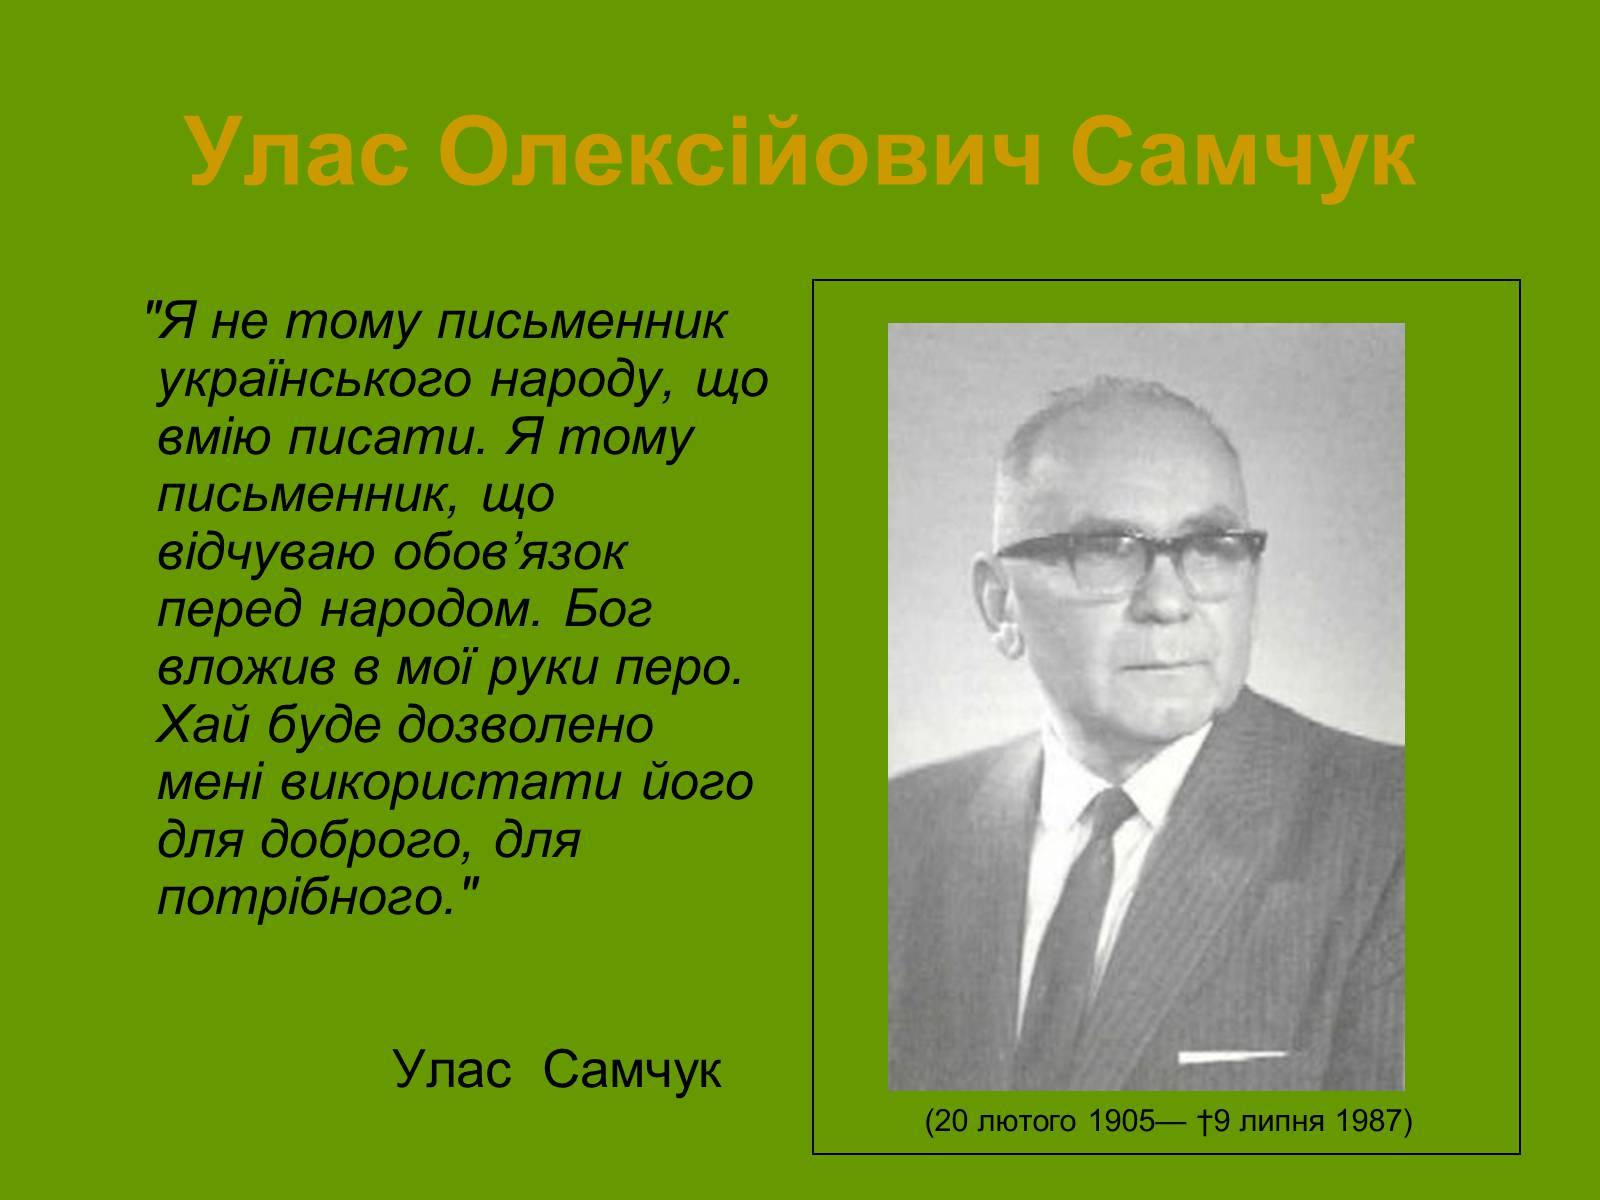 Картинки по запросу Нарід чи чернь? Самчук Улас Олексійович, 1941